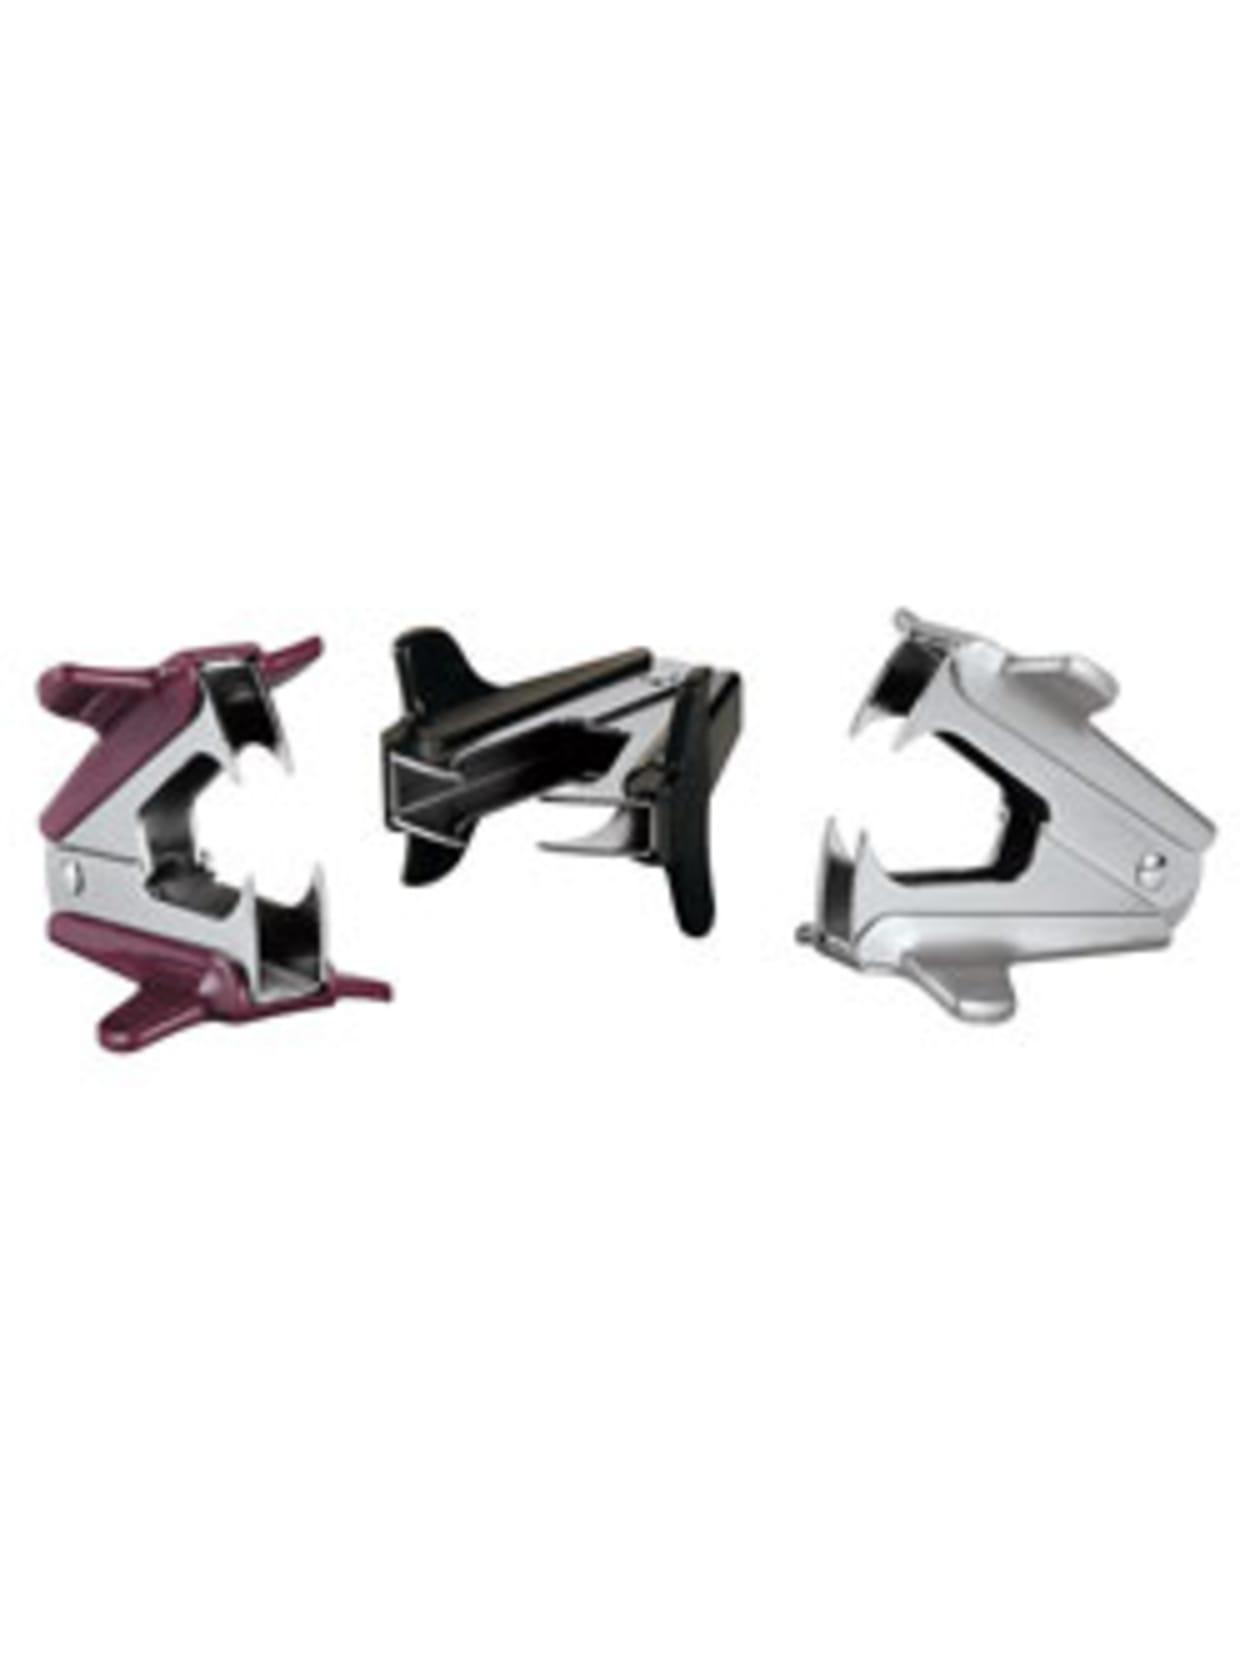 Office Equipment Bundle 5 COLORS Drawers Bin Organiser Stapler Puncher